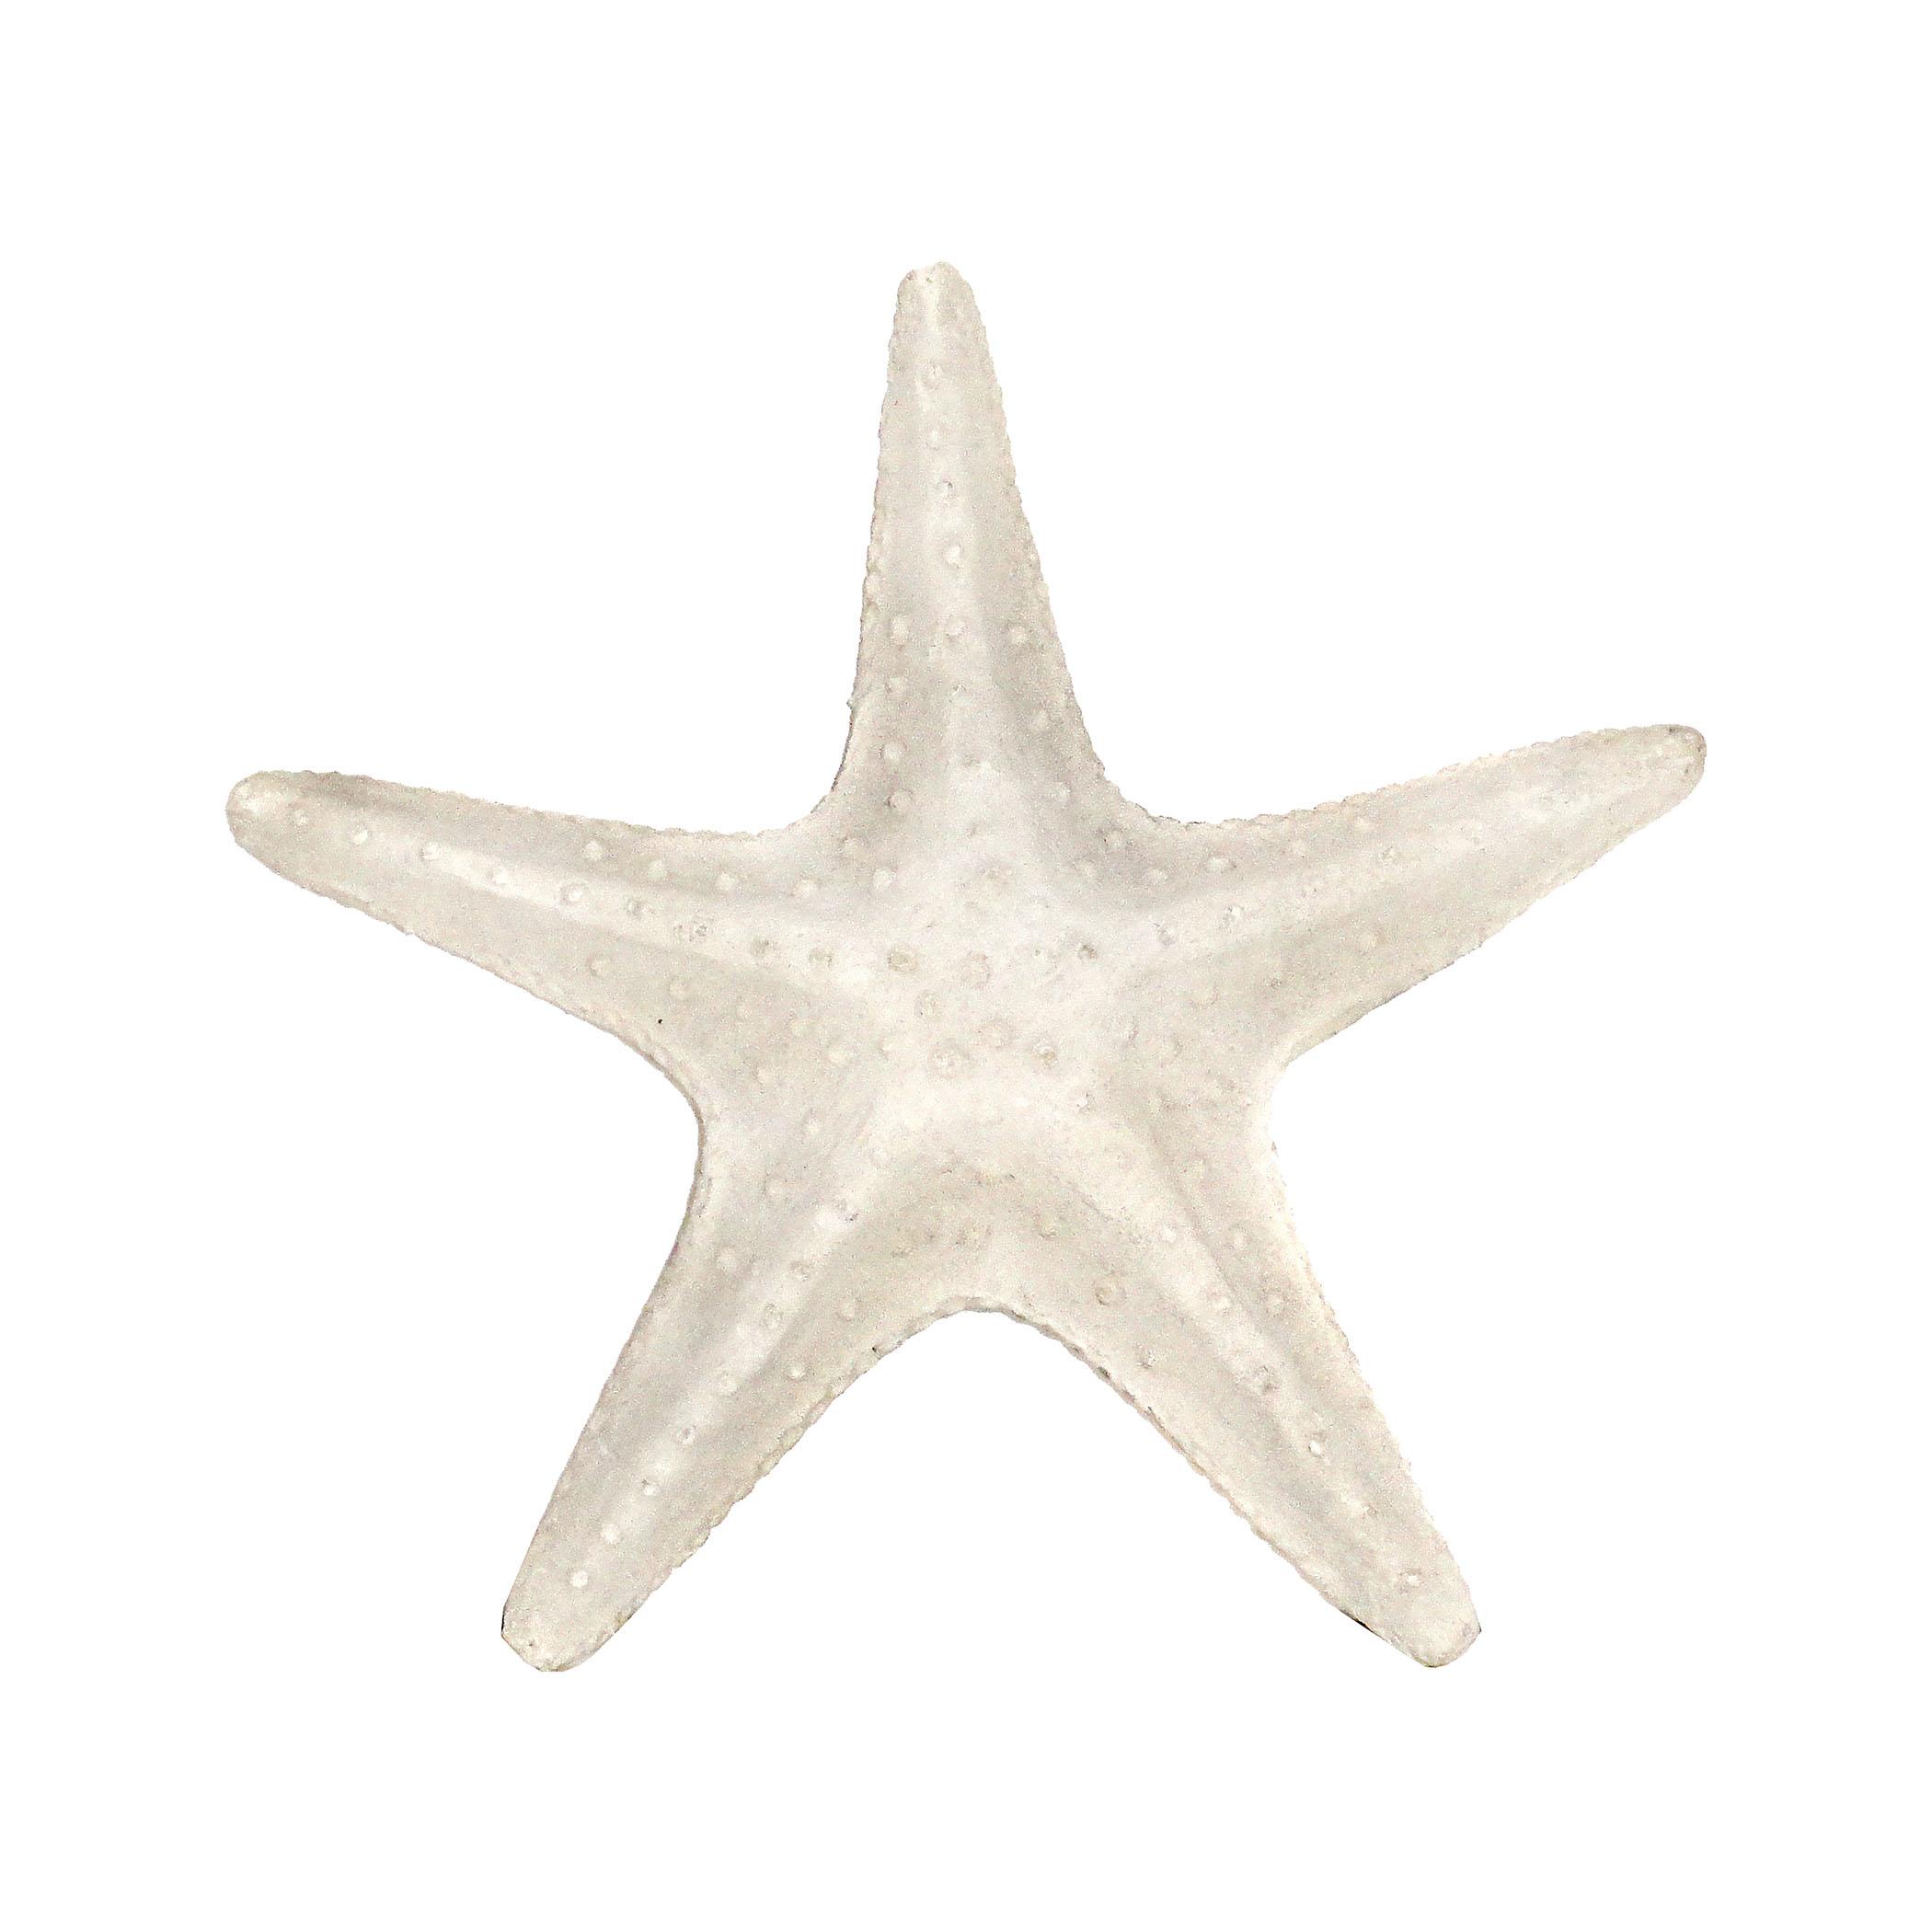 Pomeroy 525391 Textured Starfish